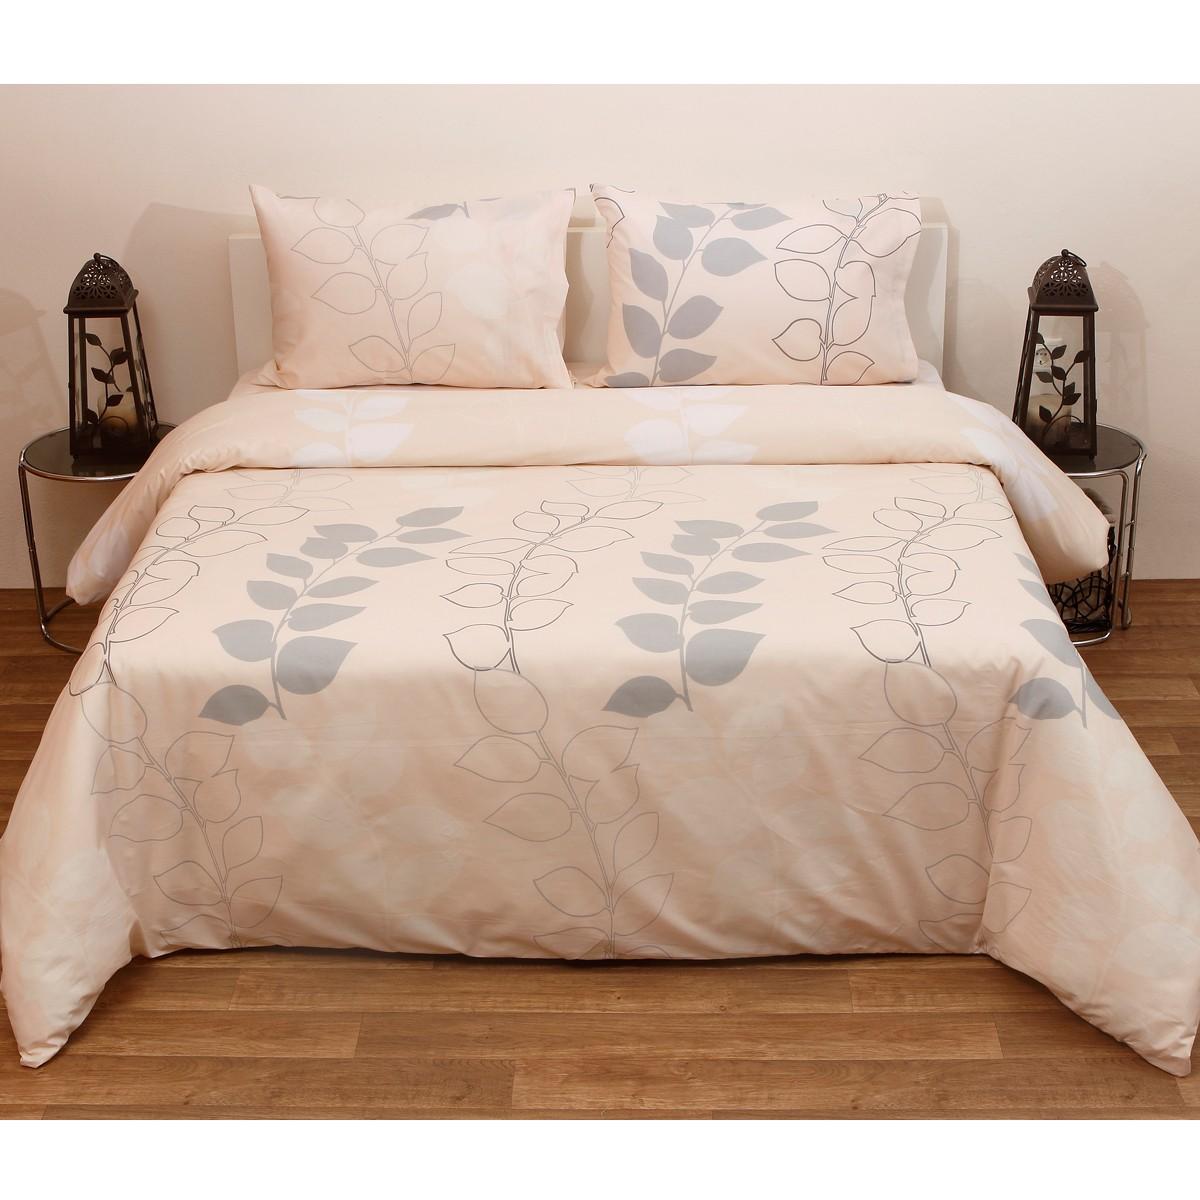 Κουβερλί Ημίδιπλο (Σετ) Viopros Fresh Αννίτα home   κρεβατοκάμαρα   κουβερλί   κουβερλί ημίδιπλα   διπλά